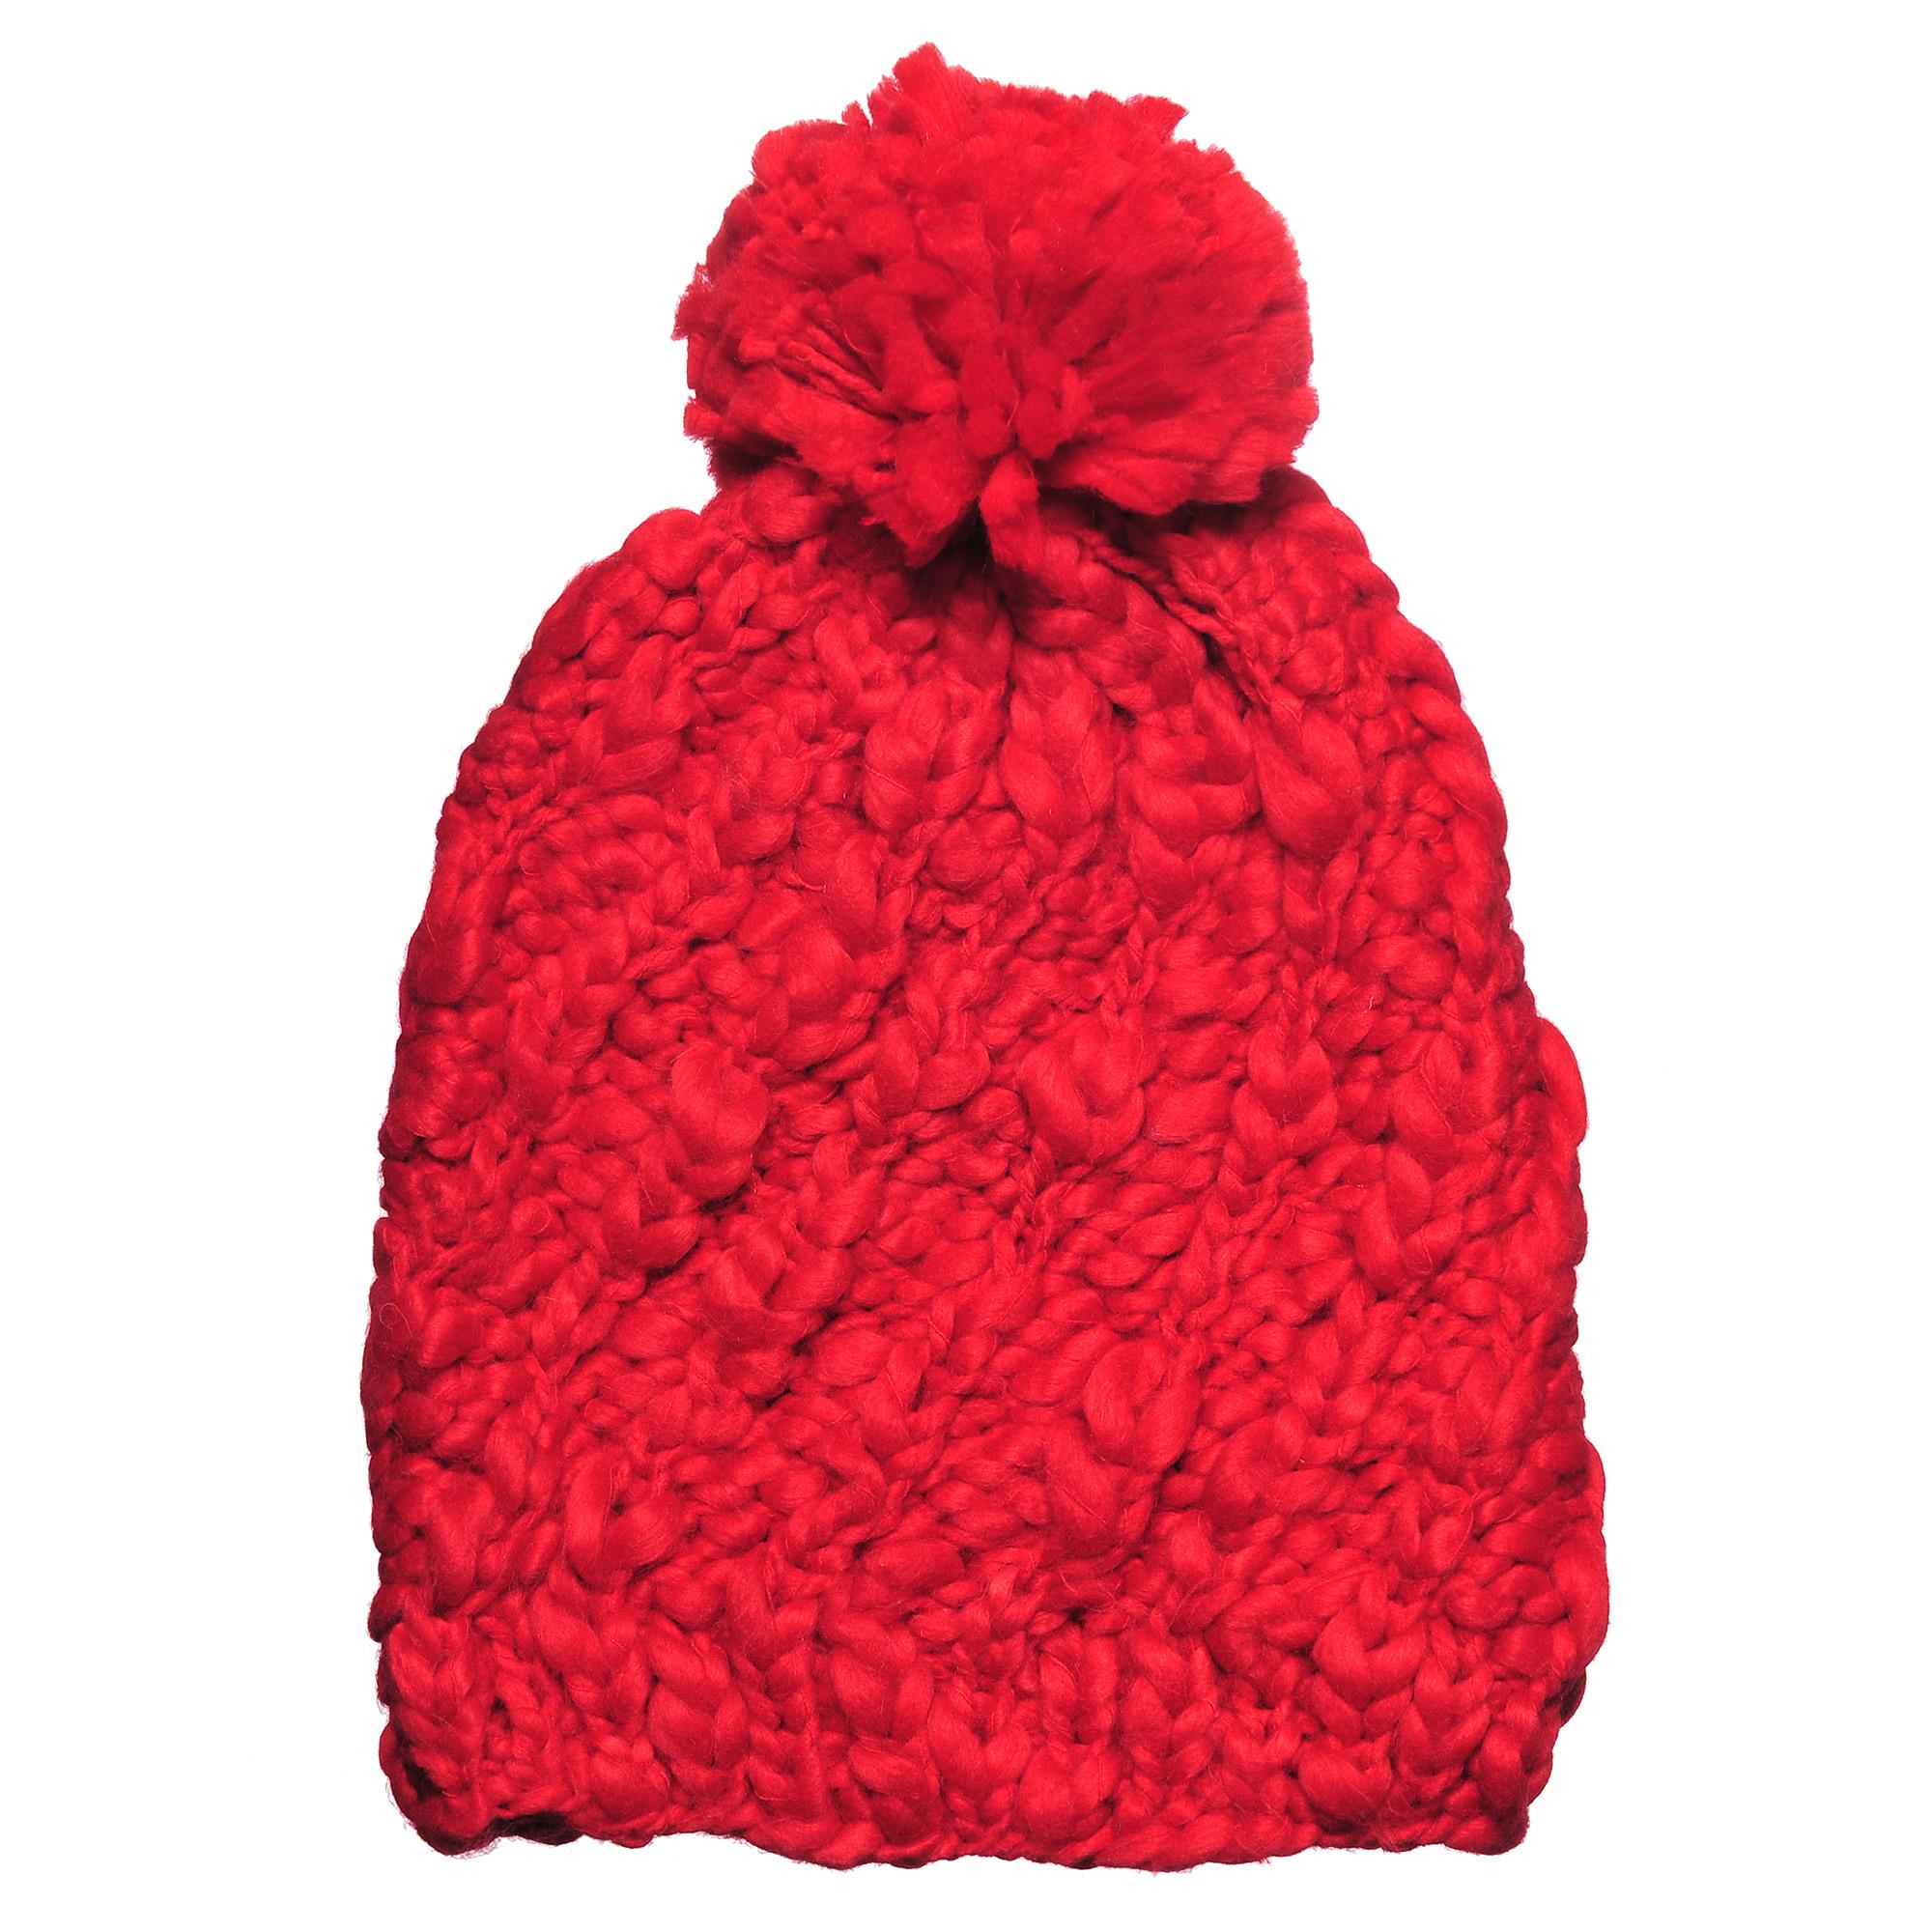 4-0040-001Стильная однослойная теплая шапка с отворотом и помпоном из акрила. Большого размера. Рисунок - коса. Отличный аксессуар защитит в непогоду и подарит ощущение теплоты.